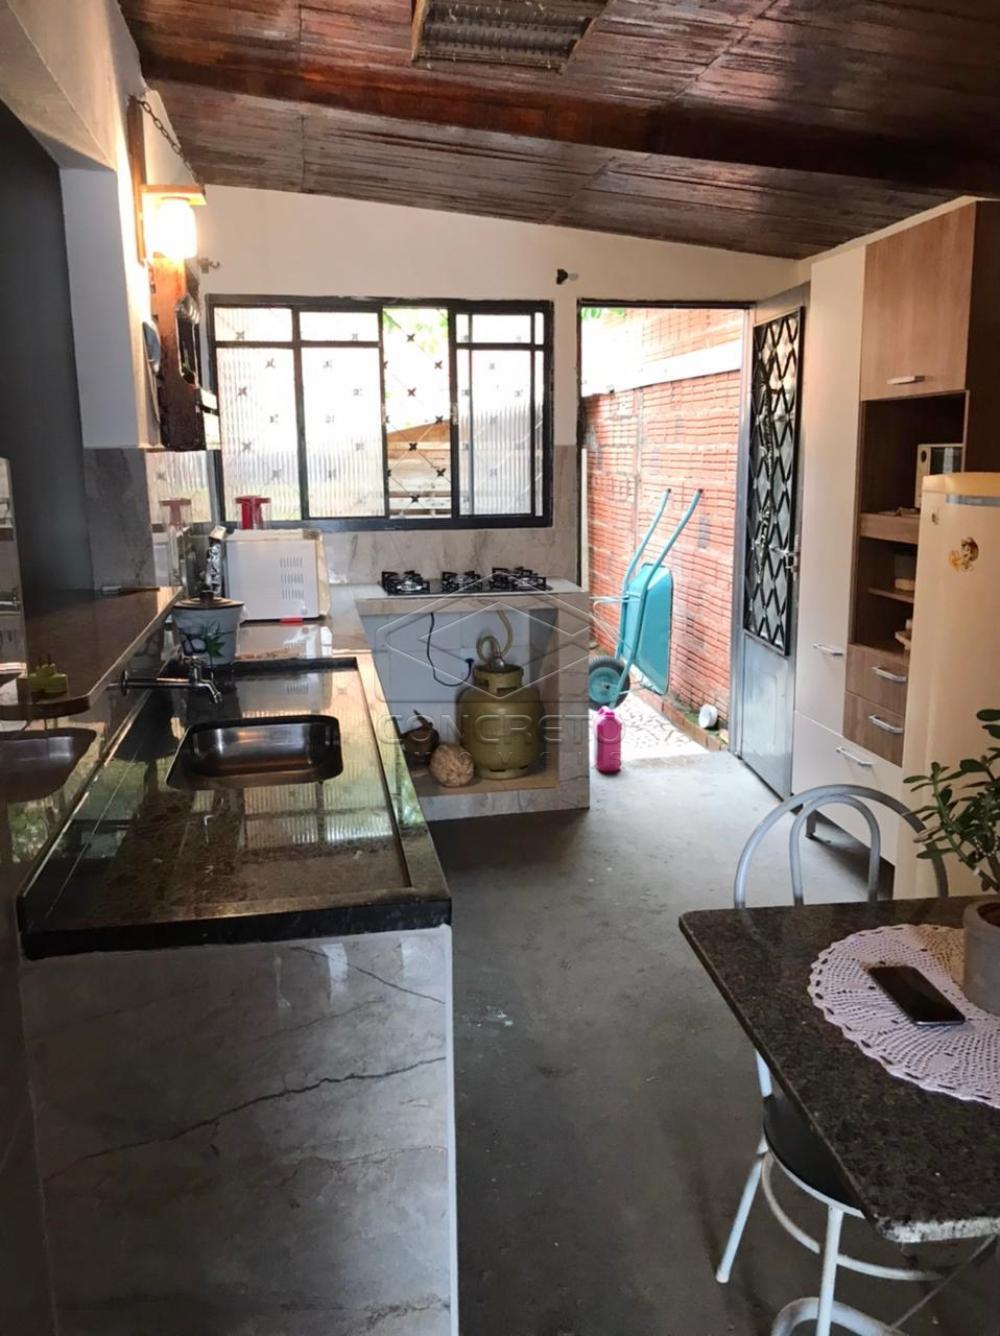 Comprar Casa / Residencia em Jaú apenas R$ 130.000,00 - Foto 7